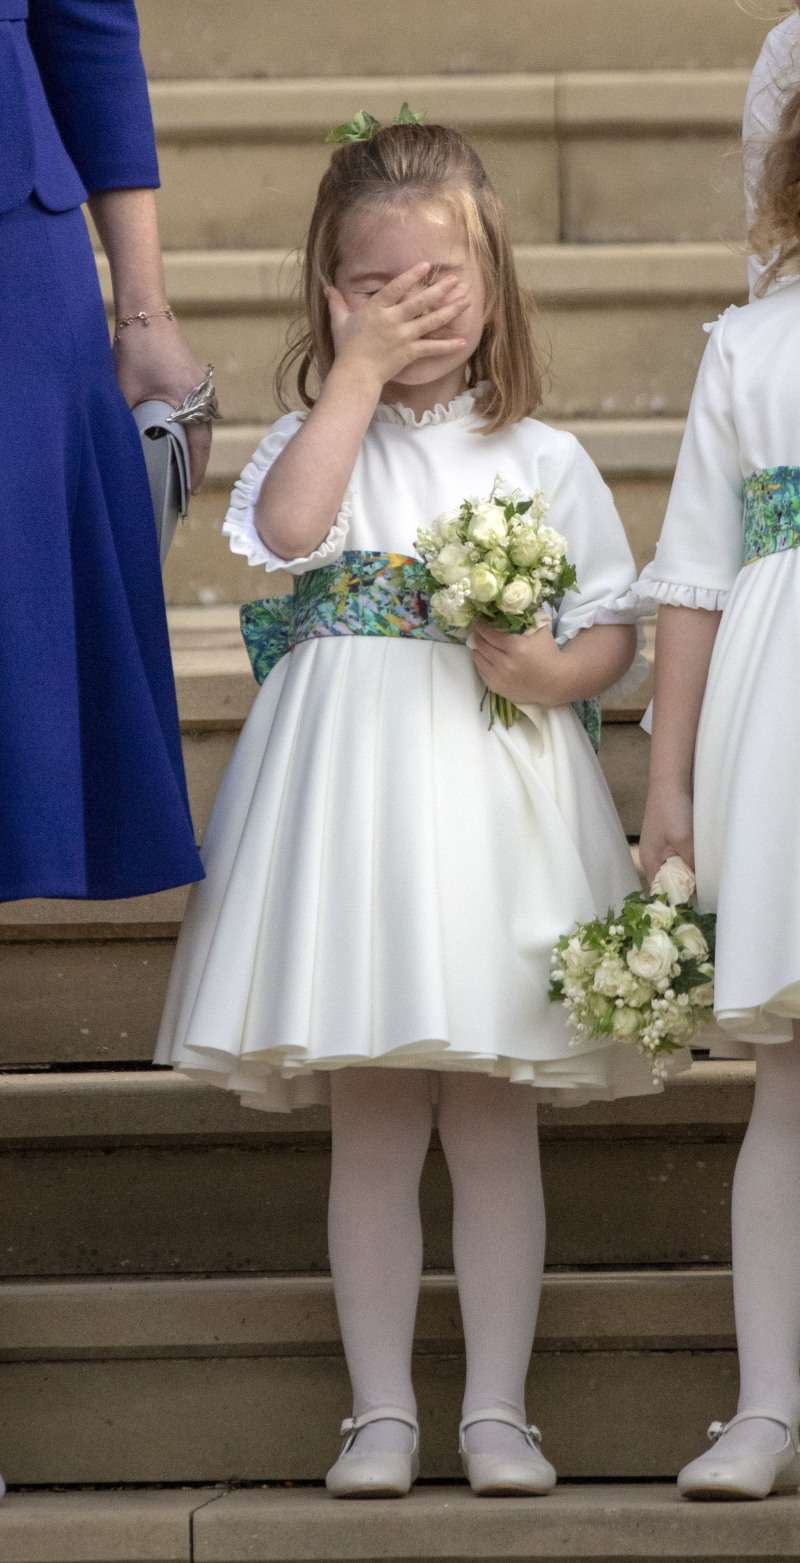 Люди гадают, кто полысеет первым: принц Луи или ребенок принца Гарри и Меган МарклЛюди гадают, кто полысеет первым: принц Луи или ребенок принца Гарри и Меган МарклЛюди гадают, кто полысеет первым: принц Луи или ребенок принца Гарри и Меган МарклЛюди гадают, кто полысеет первым: принц Луи или ребенок принца Гарри и Меган МарклЛюди гадают, кто полысеет первым: принц Луи или ребенок принца Гарри и Меган МарклЛюди гадают, кто полысеет первым: принц Луи или ребенок принца Гарри и Меган МарклЛюди гадают, кто полысеет первым: принц Луи или ребенок принца Гарри и Меган МарклЛюди гадают, кто полысеет первым: принц Луи или ребенок принца Гарри и Меган МарклЛюди гадают, кто полысеет первым: принц Луи или ребенок принца Гарри и Меган Маркл